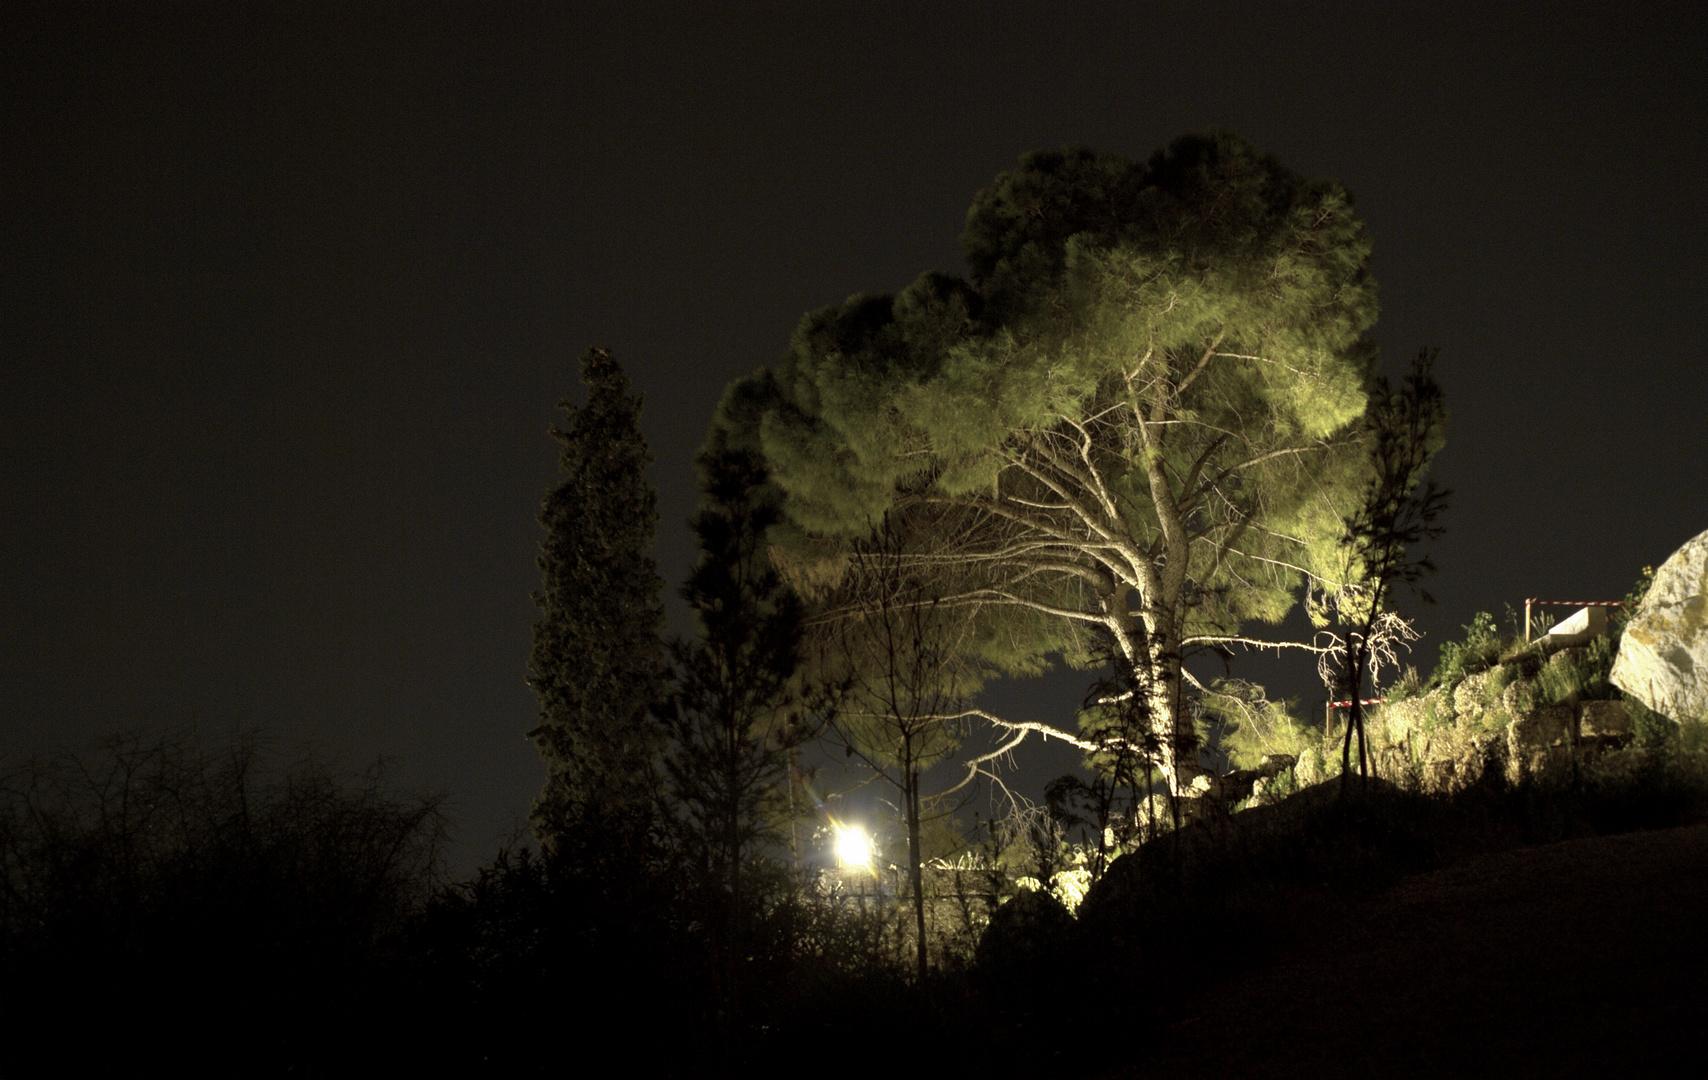 Lightened tree